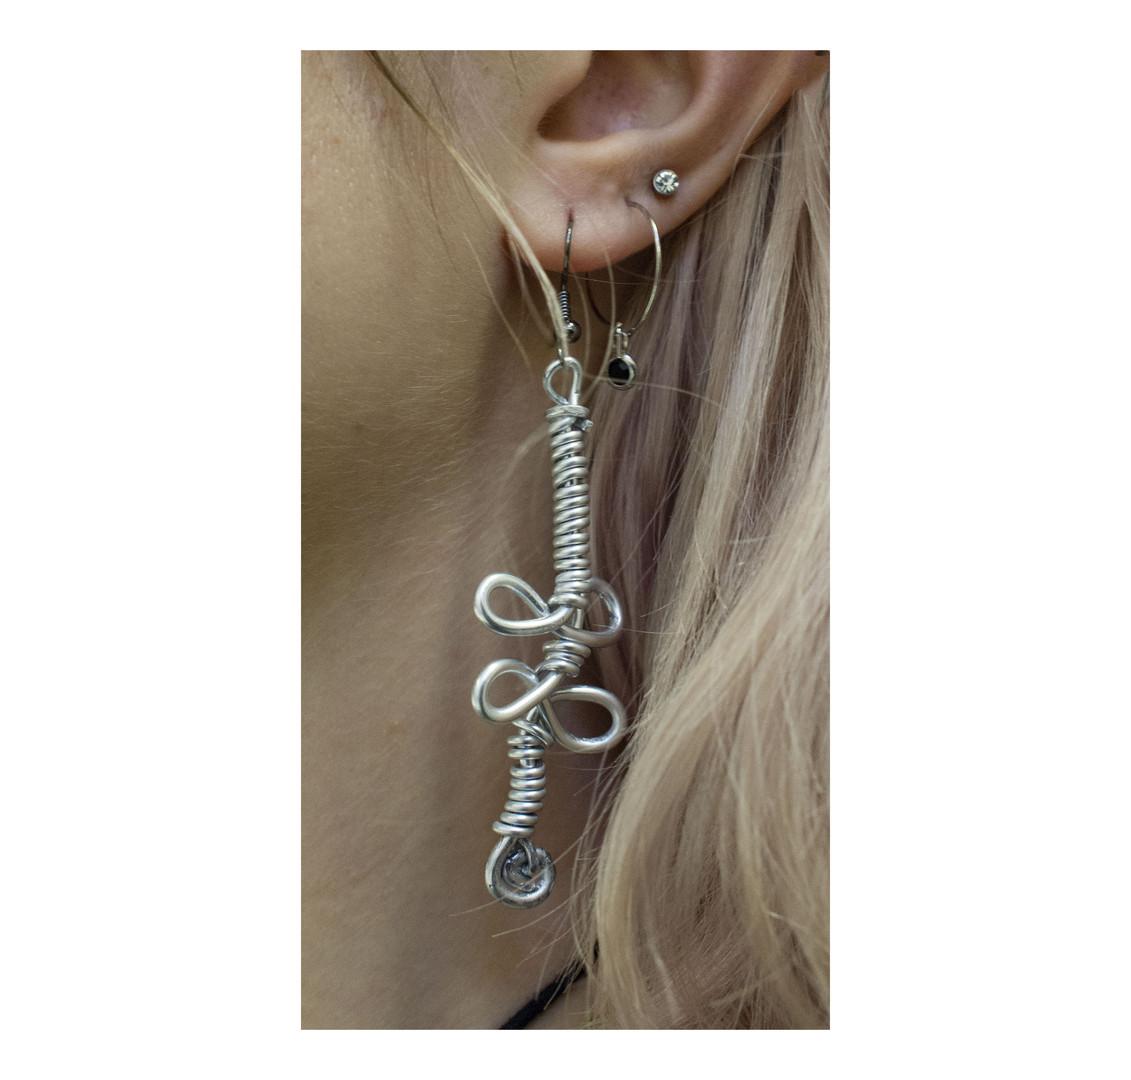 pagen earrings